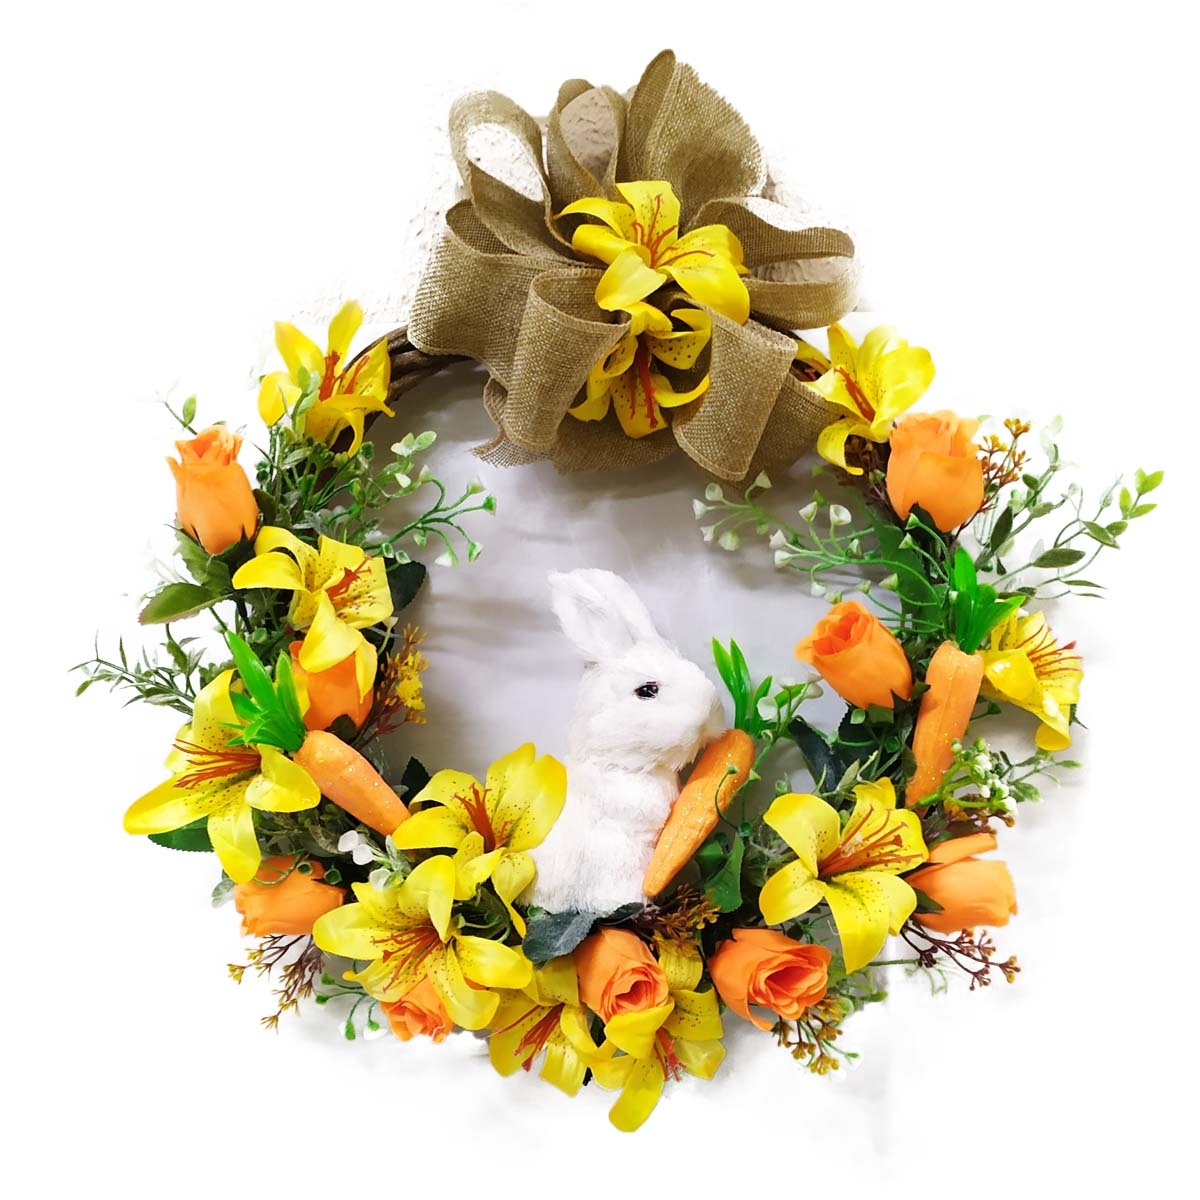 Guirlanda Decorativa de Pascoa Lírios e Rosas no Cipo 30 Cm